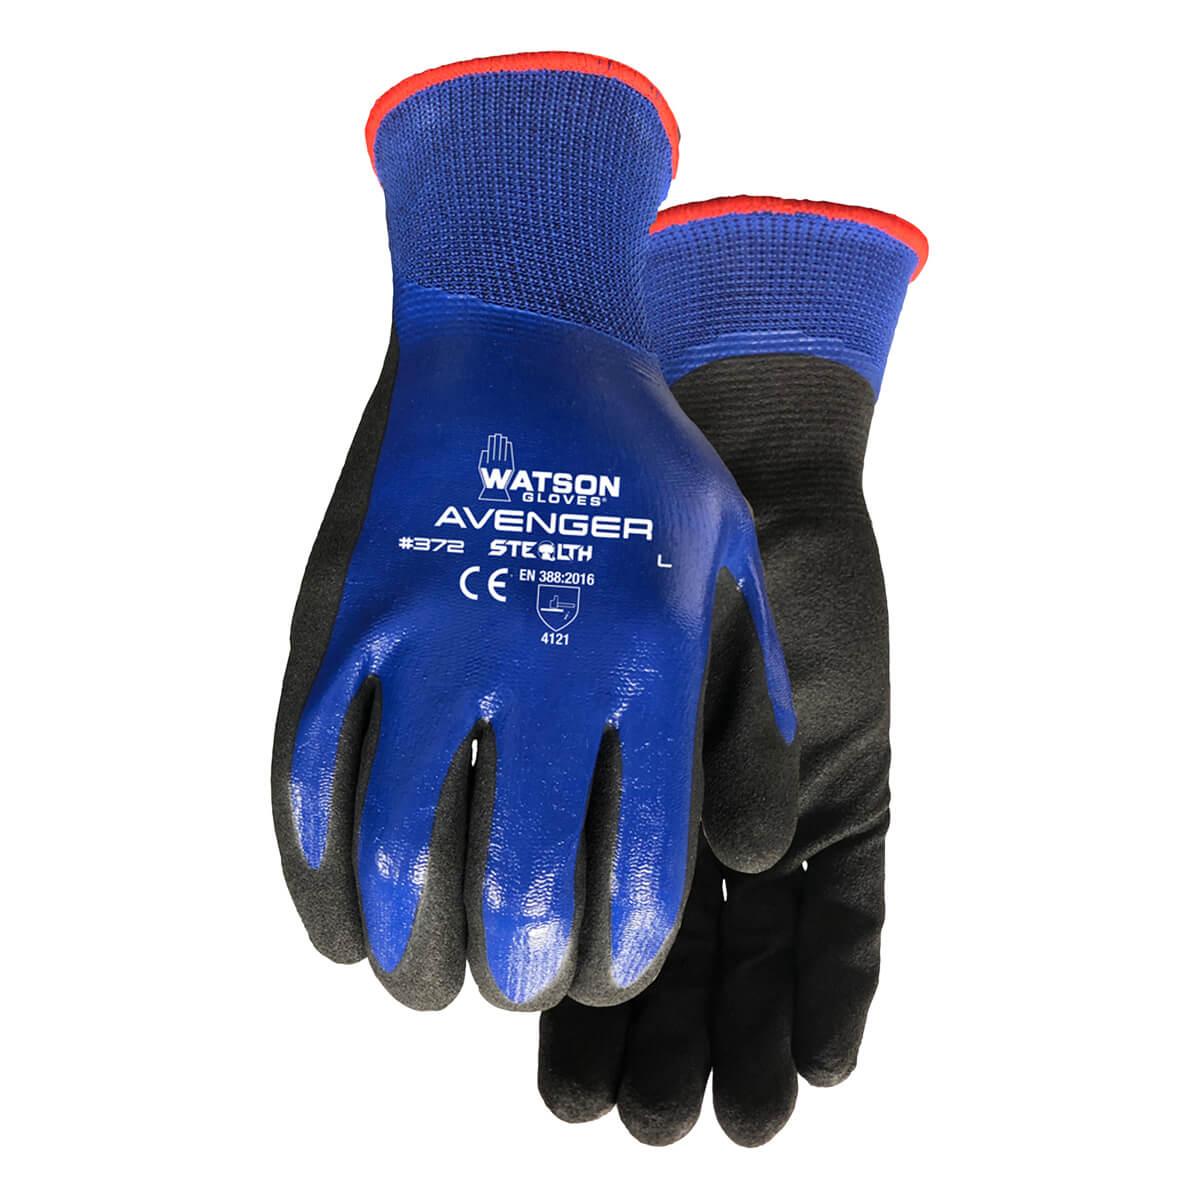 Avenger Water Resistant Gloves - L